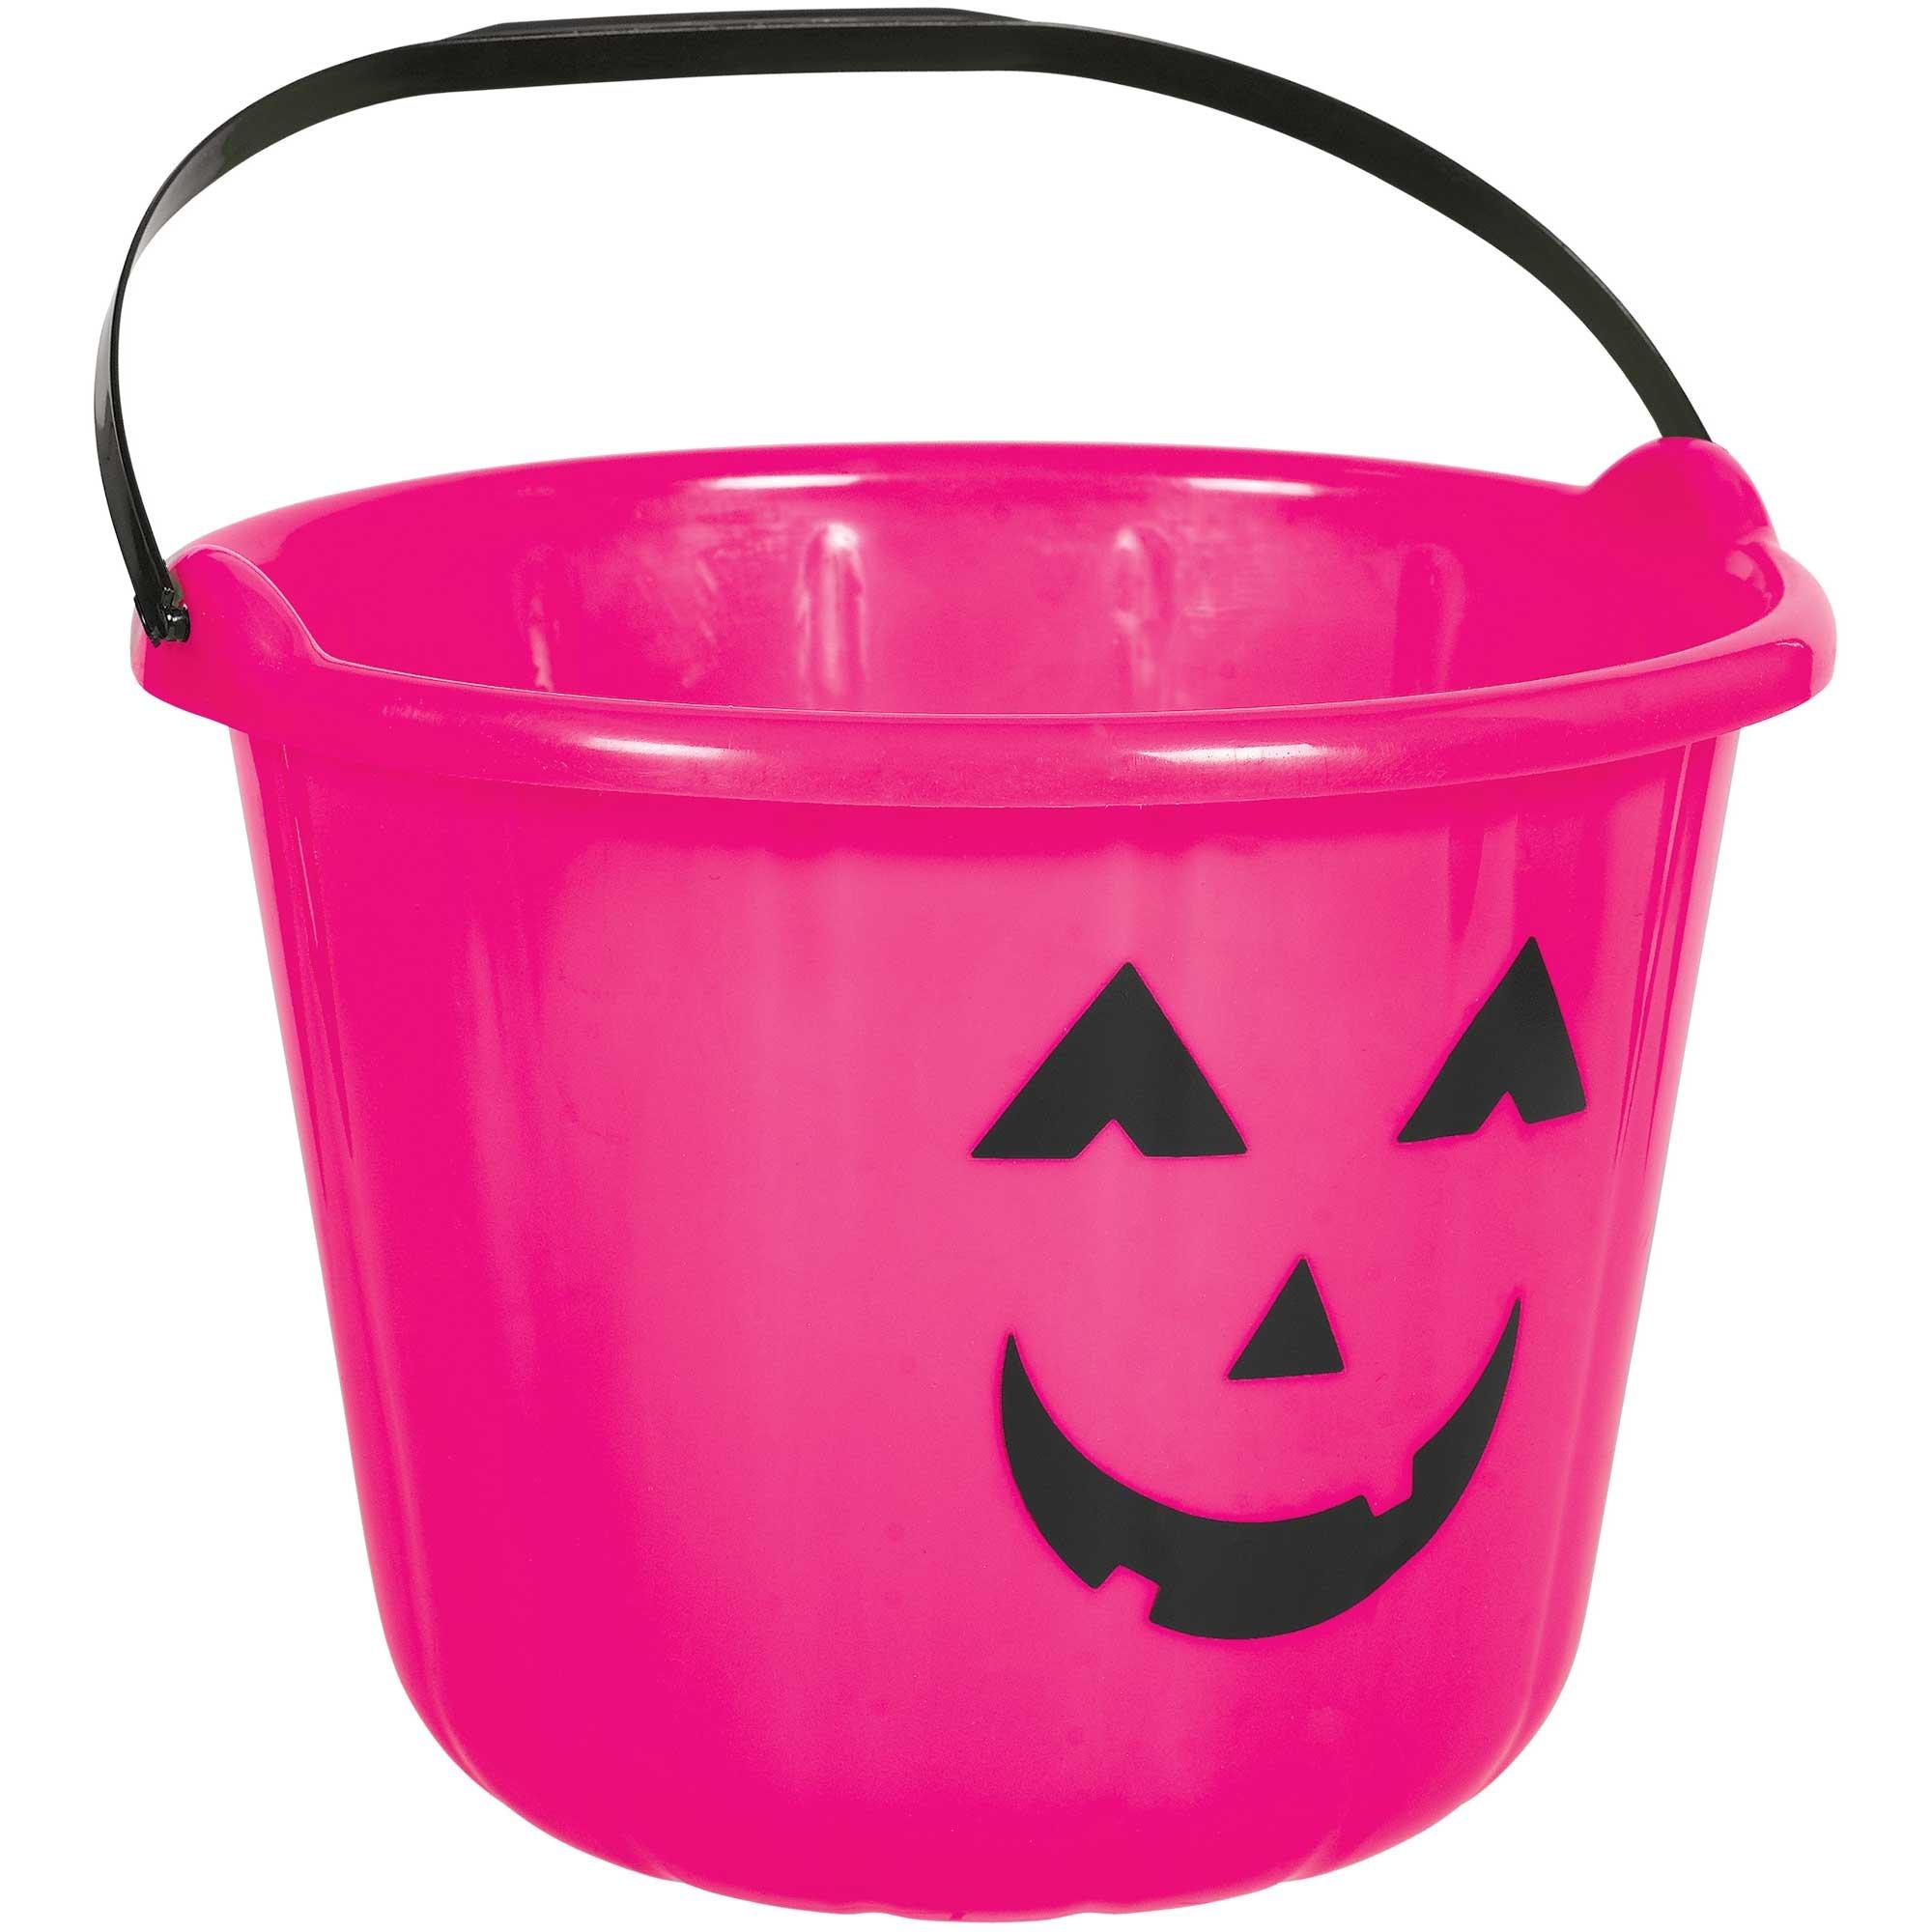 Pumpkin Bucket Favor Container Pink Plastic